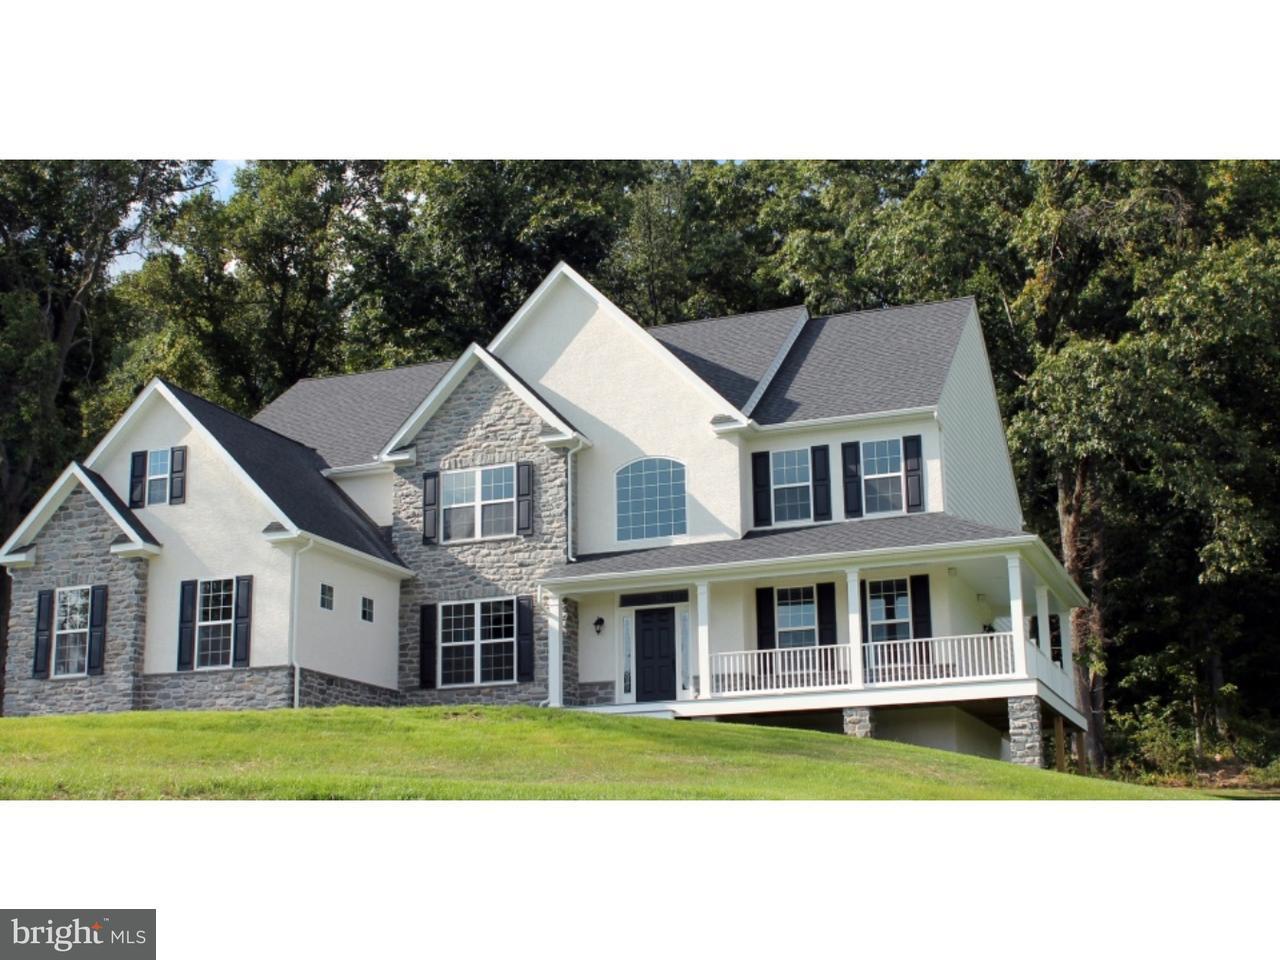 Maison unifamiliale pour l Vente à 12,11-5-44 EASTON Road Kintnersville, Pennsylvanie 18930 États-Unis